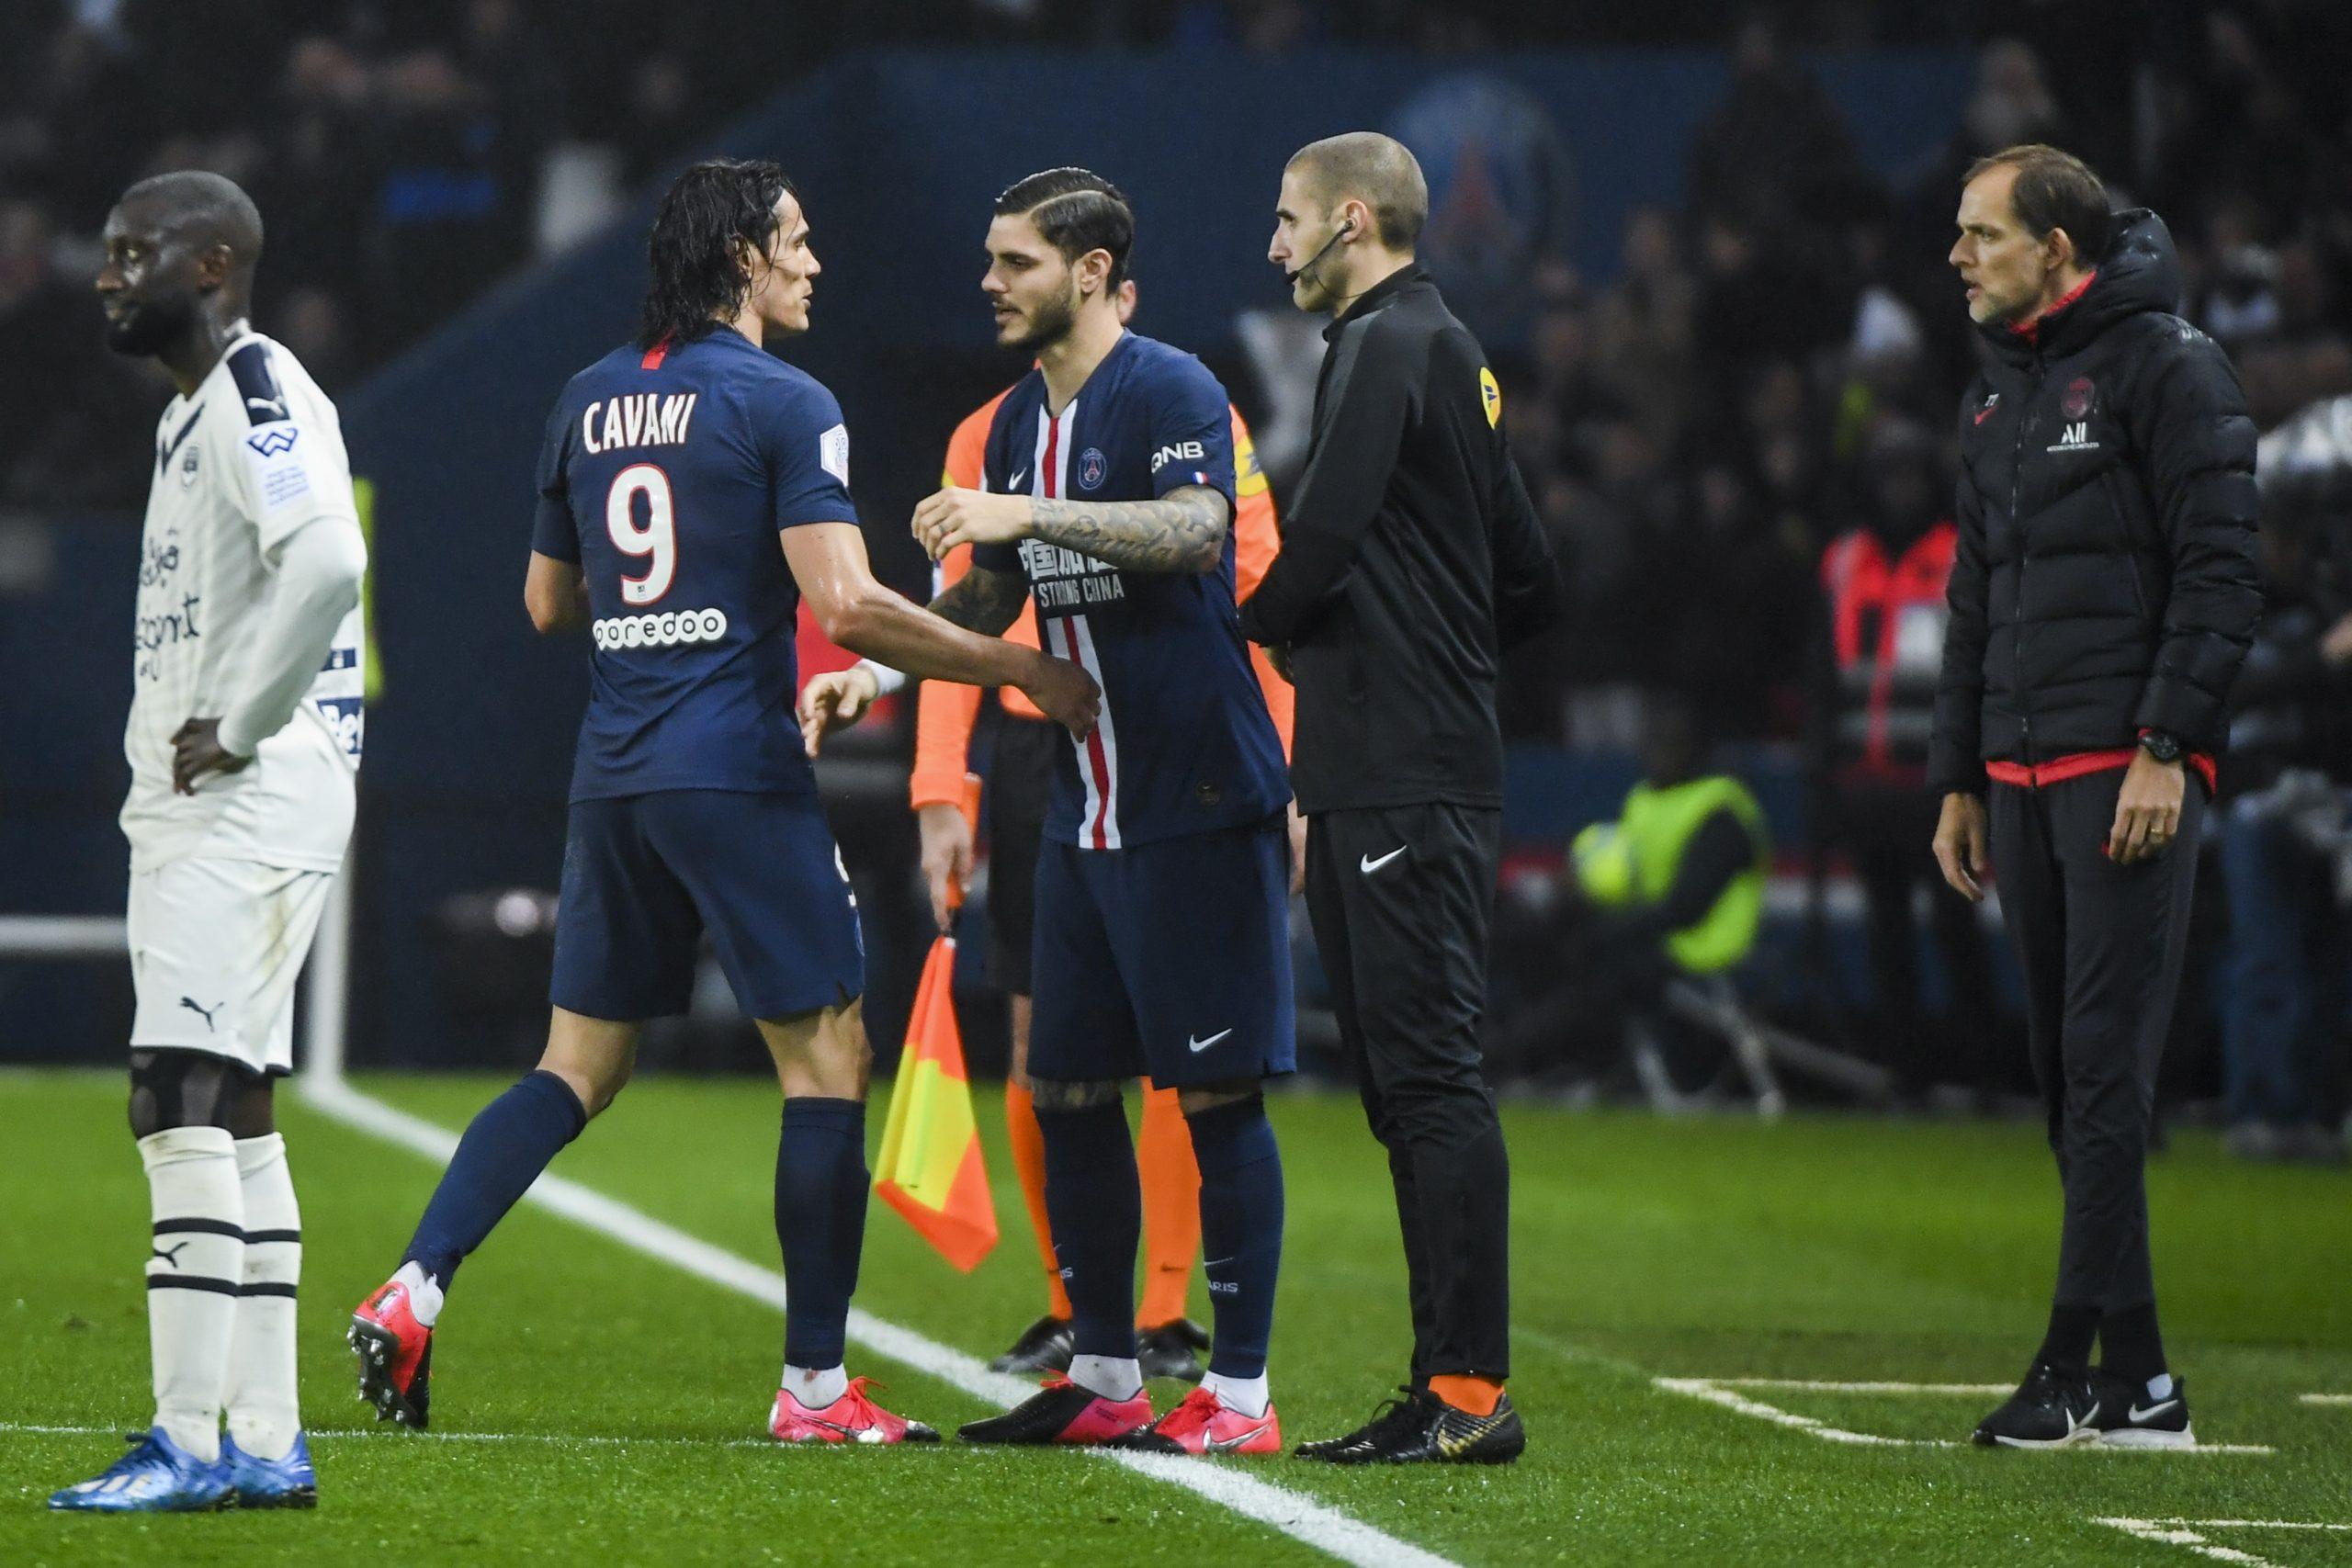 Mercato - Icardi devrait rester au PSG, l'Inter tenté par Cavani, Meunier et Kurzawa selon la GDS